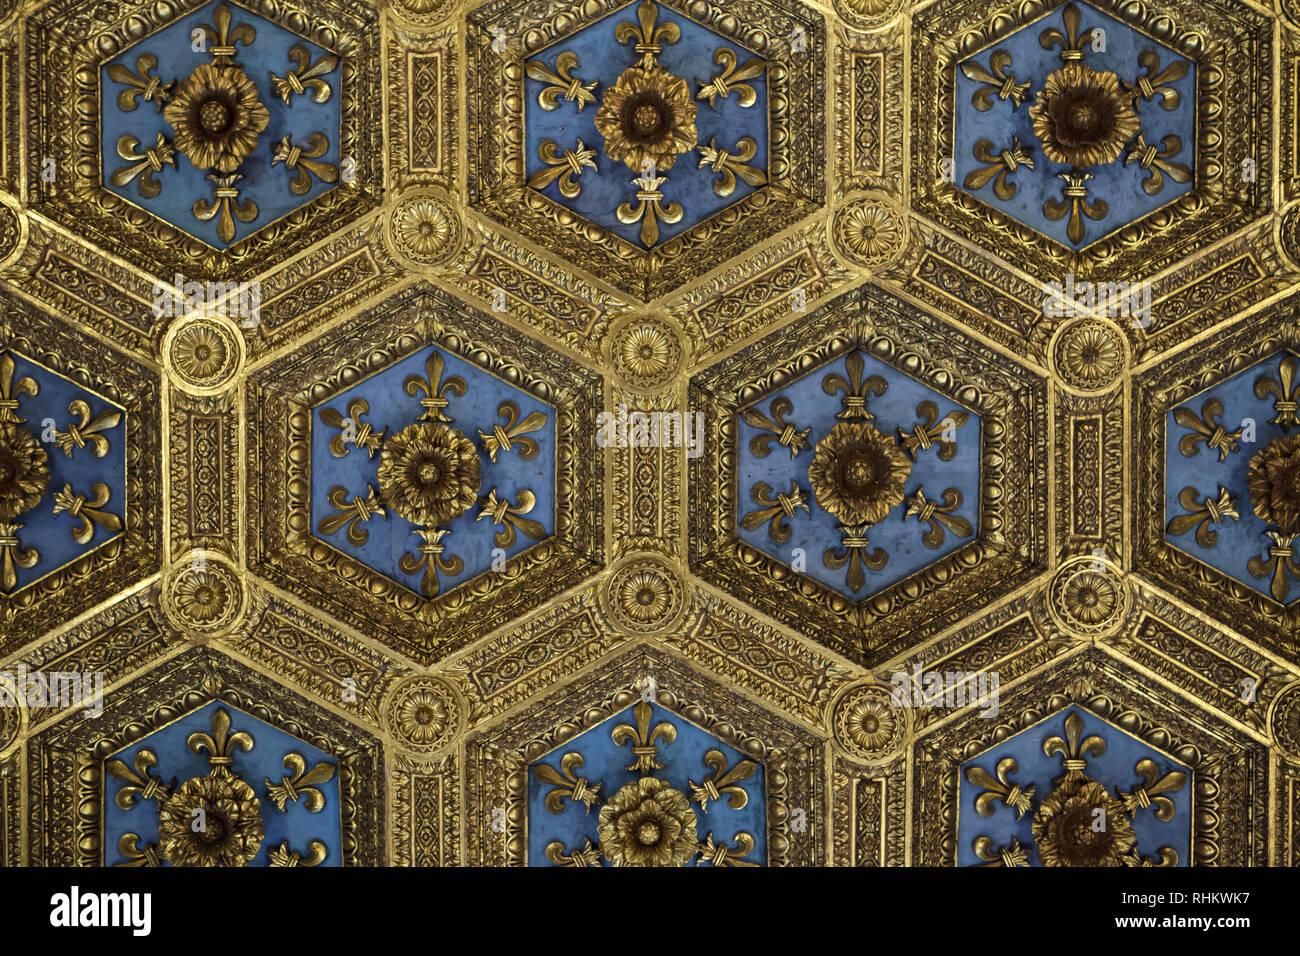 Dorato soffitto a cassettoni decorato da gigli araldici progettato